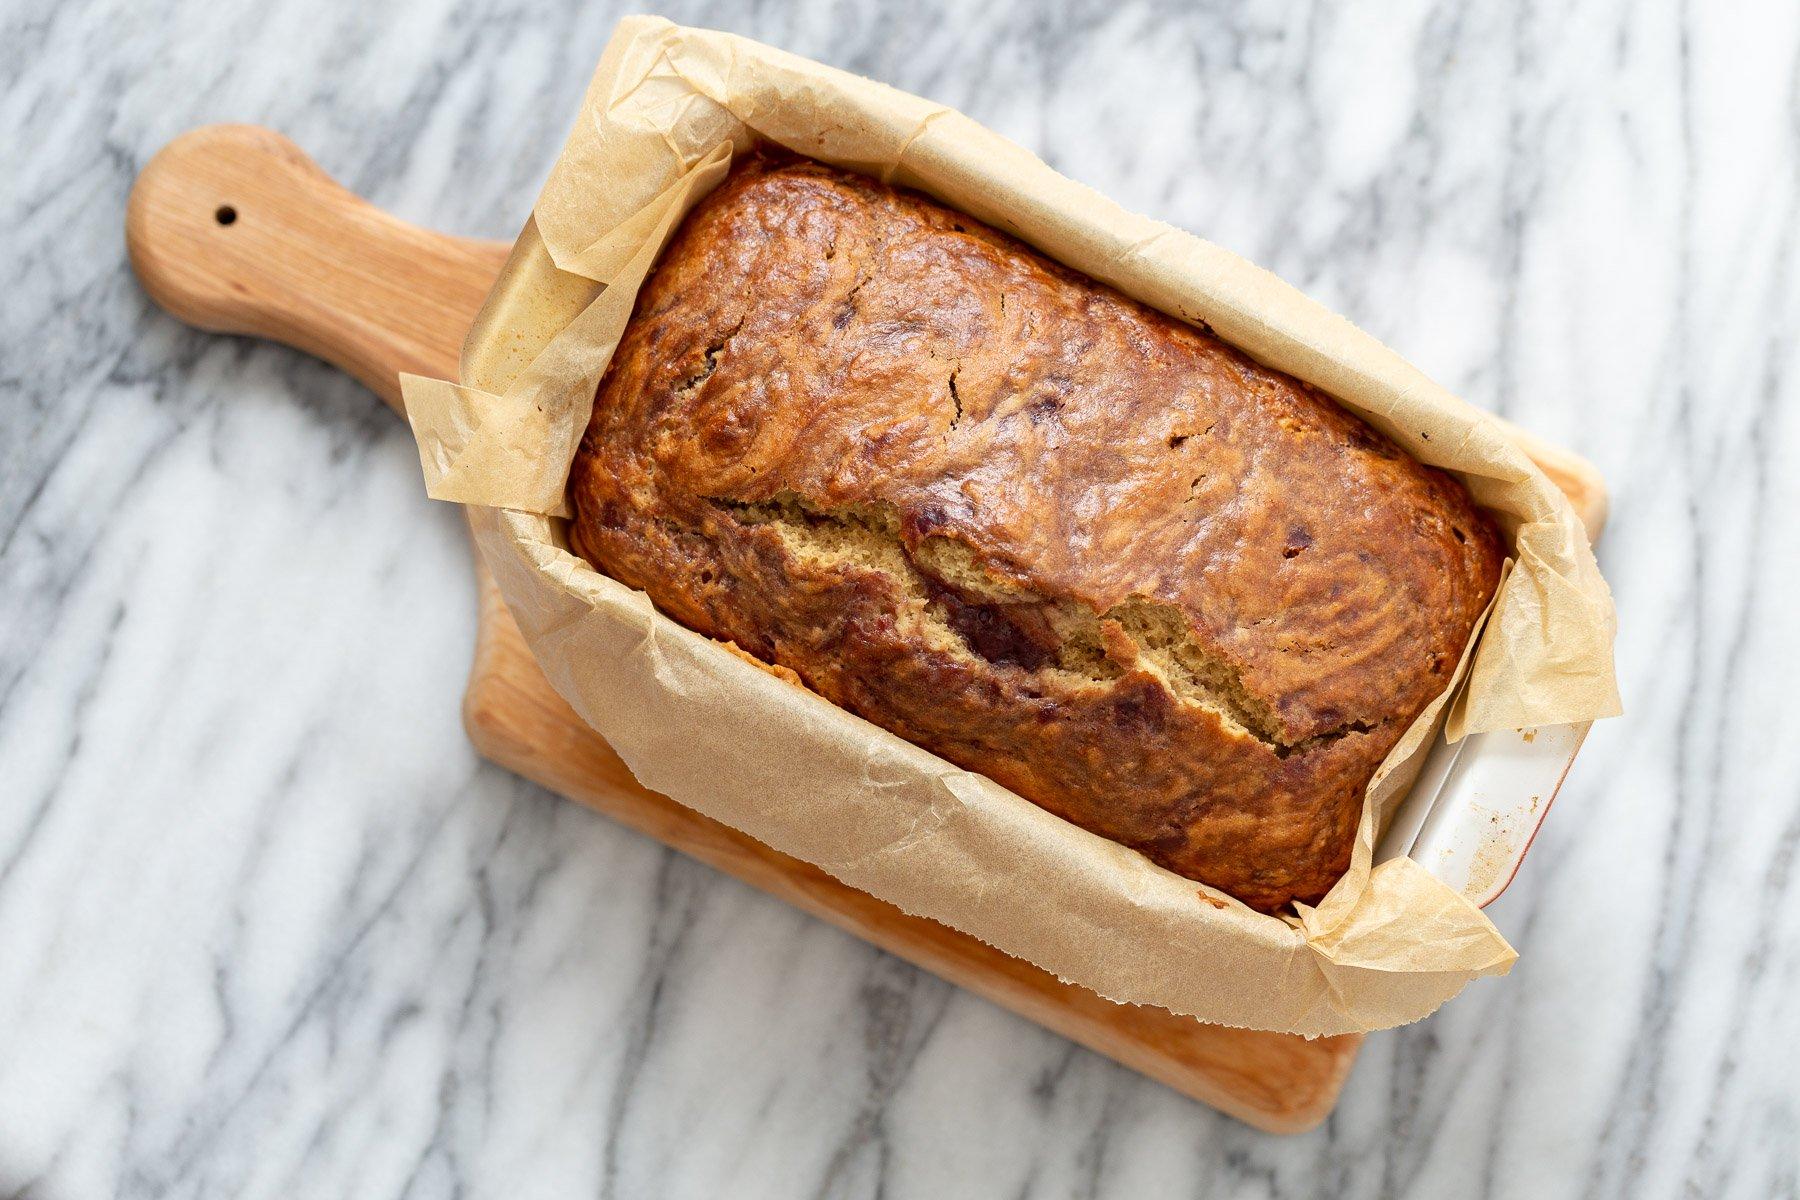 uma manteiga de amendoim vegana recém-assada e bolo de geleia em uma forma de pão